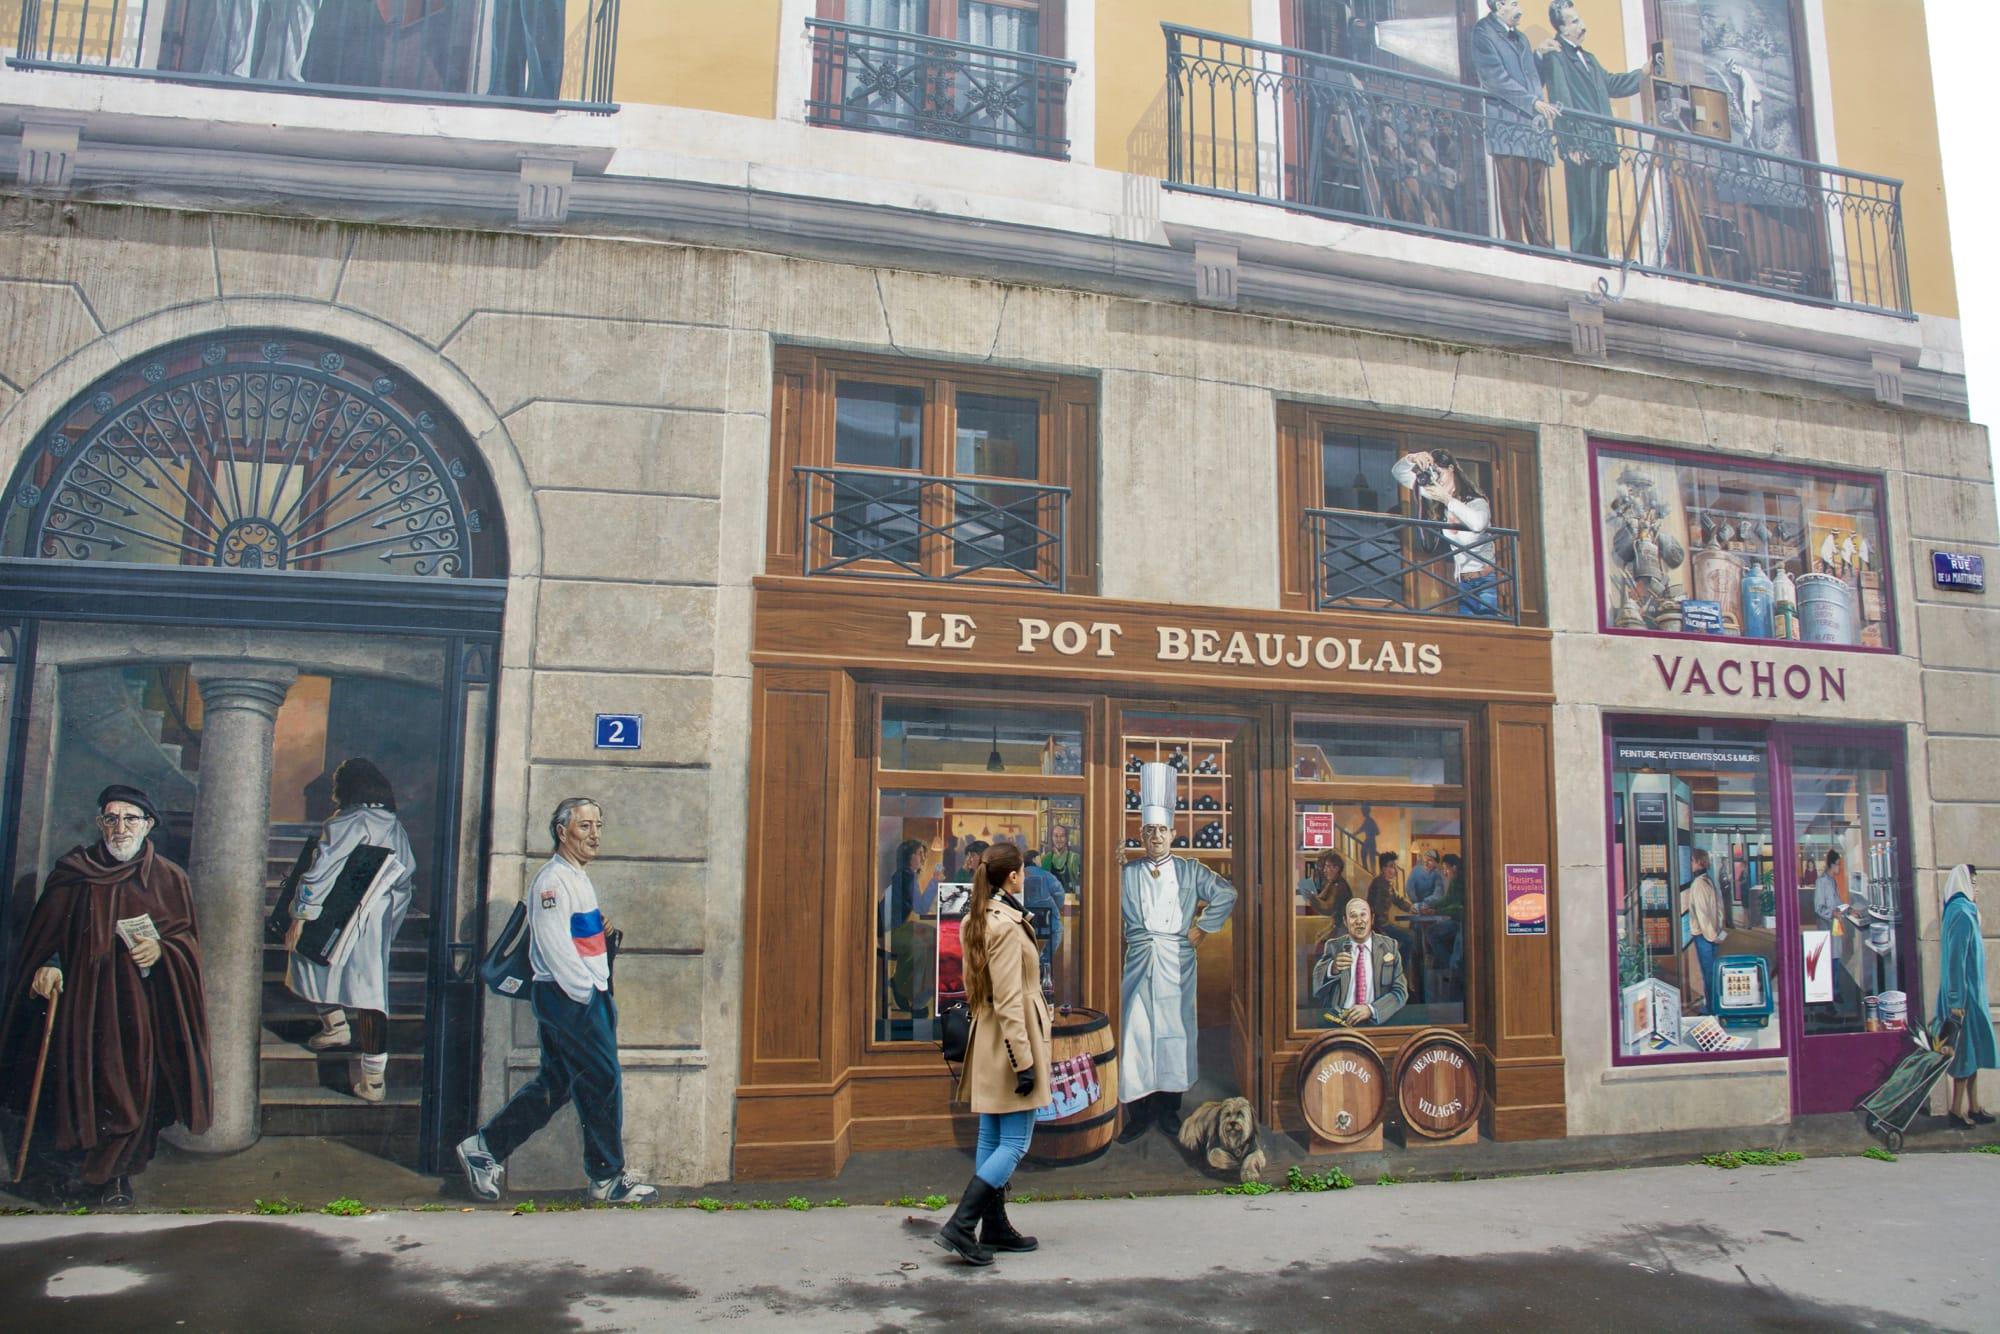 Mur des Lyonase, io nel murales a cena da Paul Bocuse